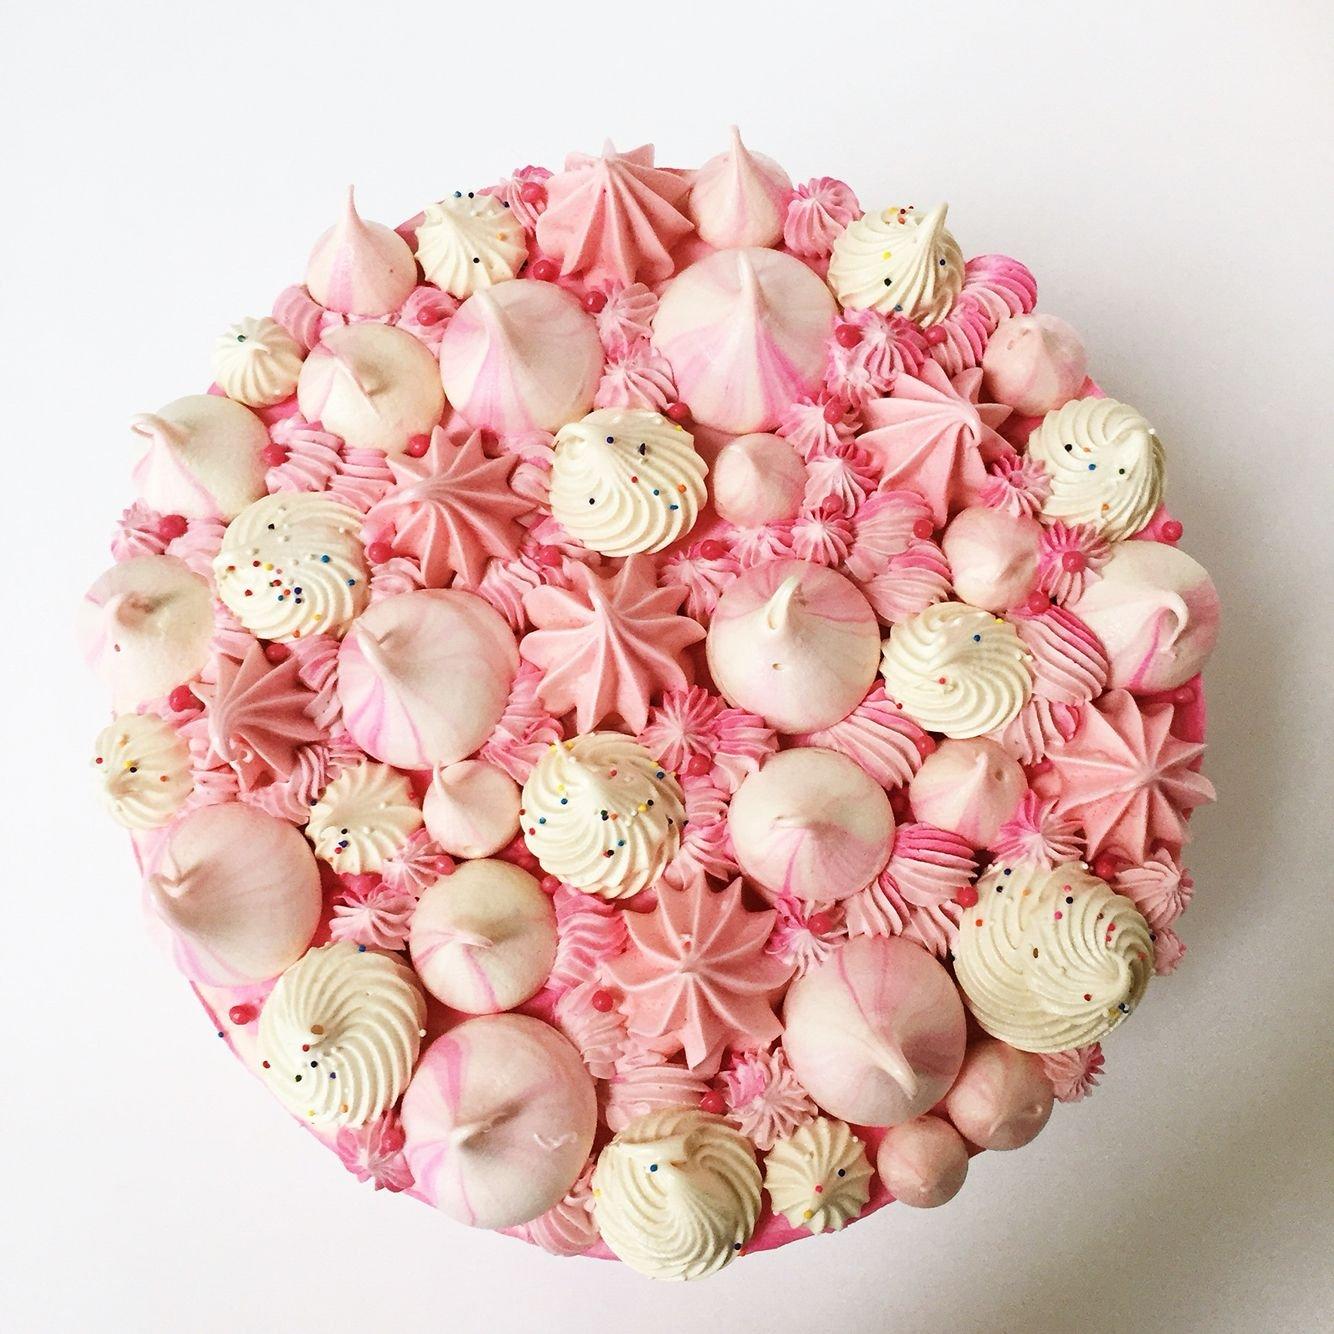 как легко украсить торт с безе фото фото, произведения